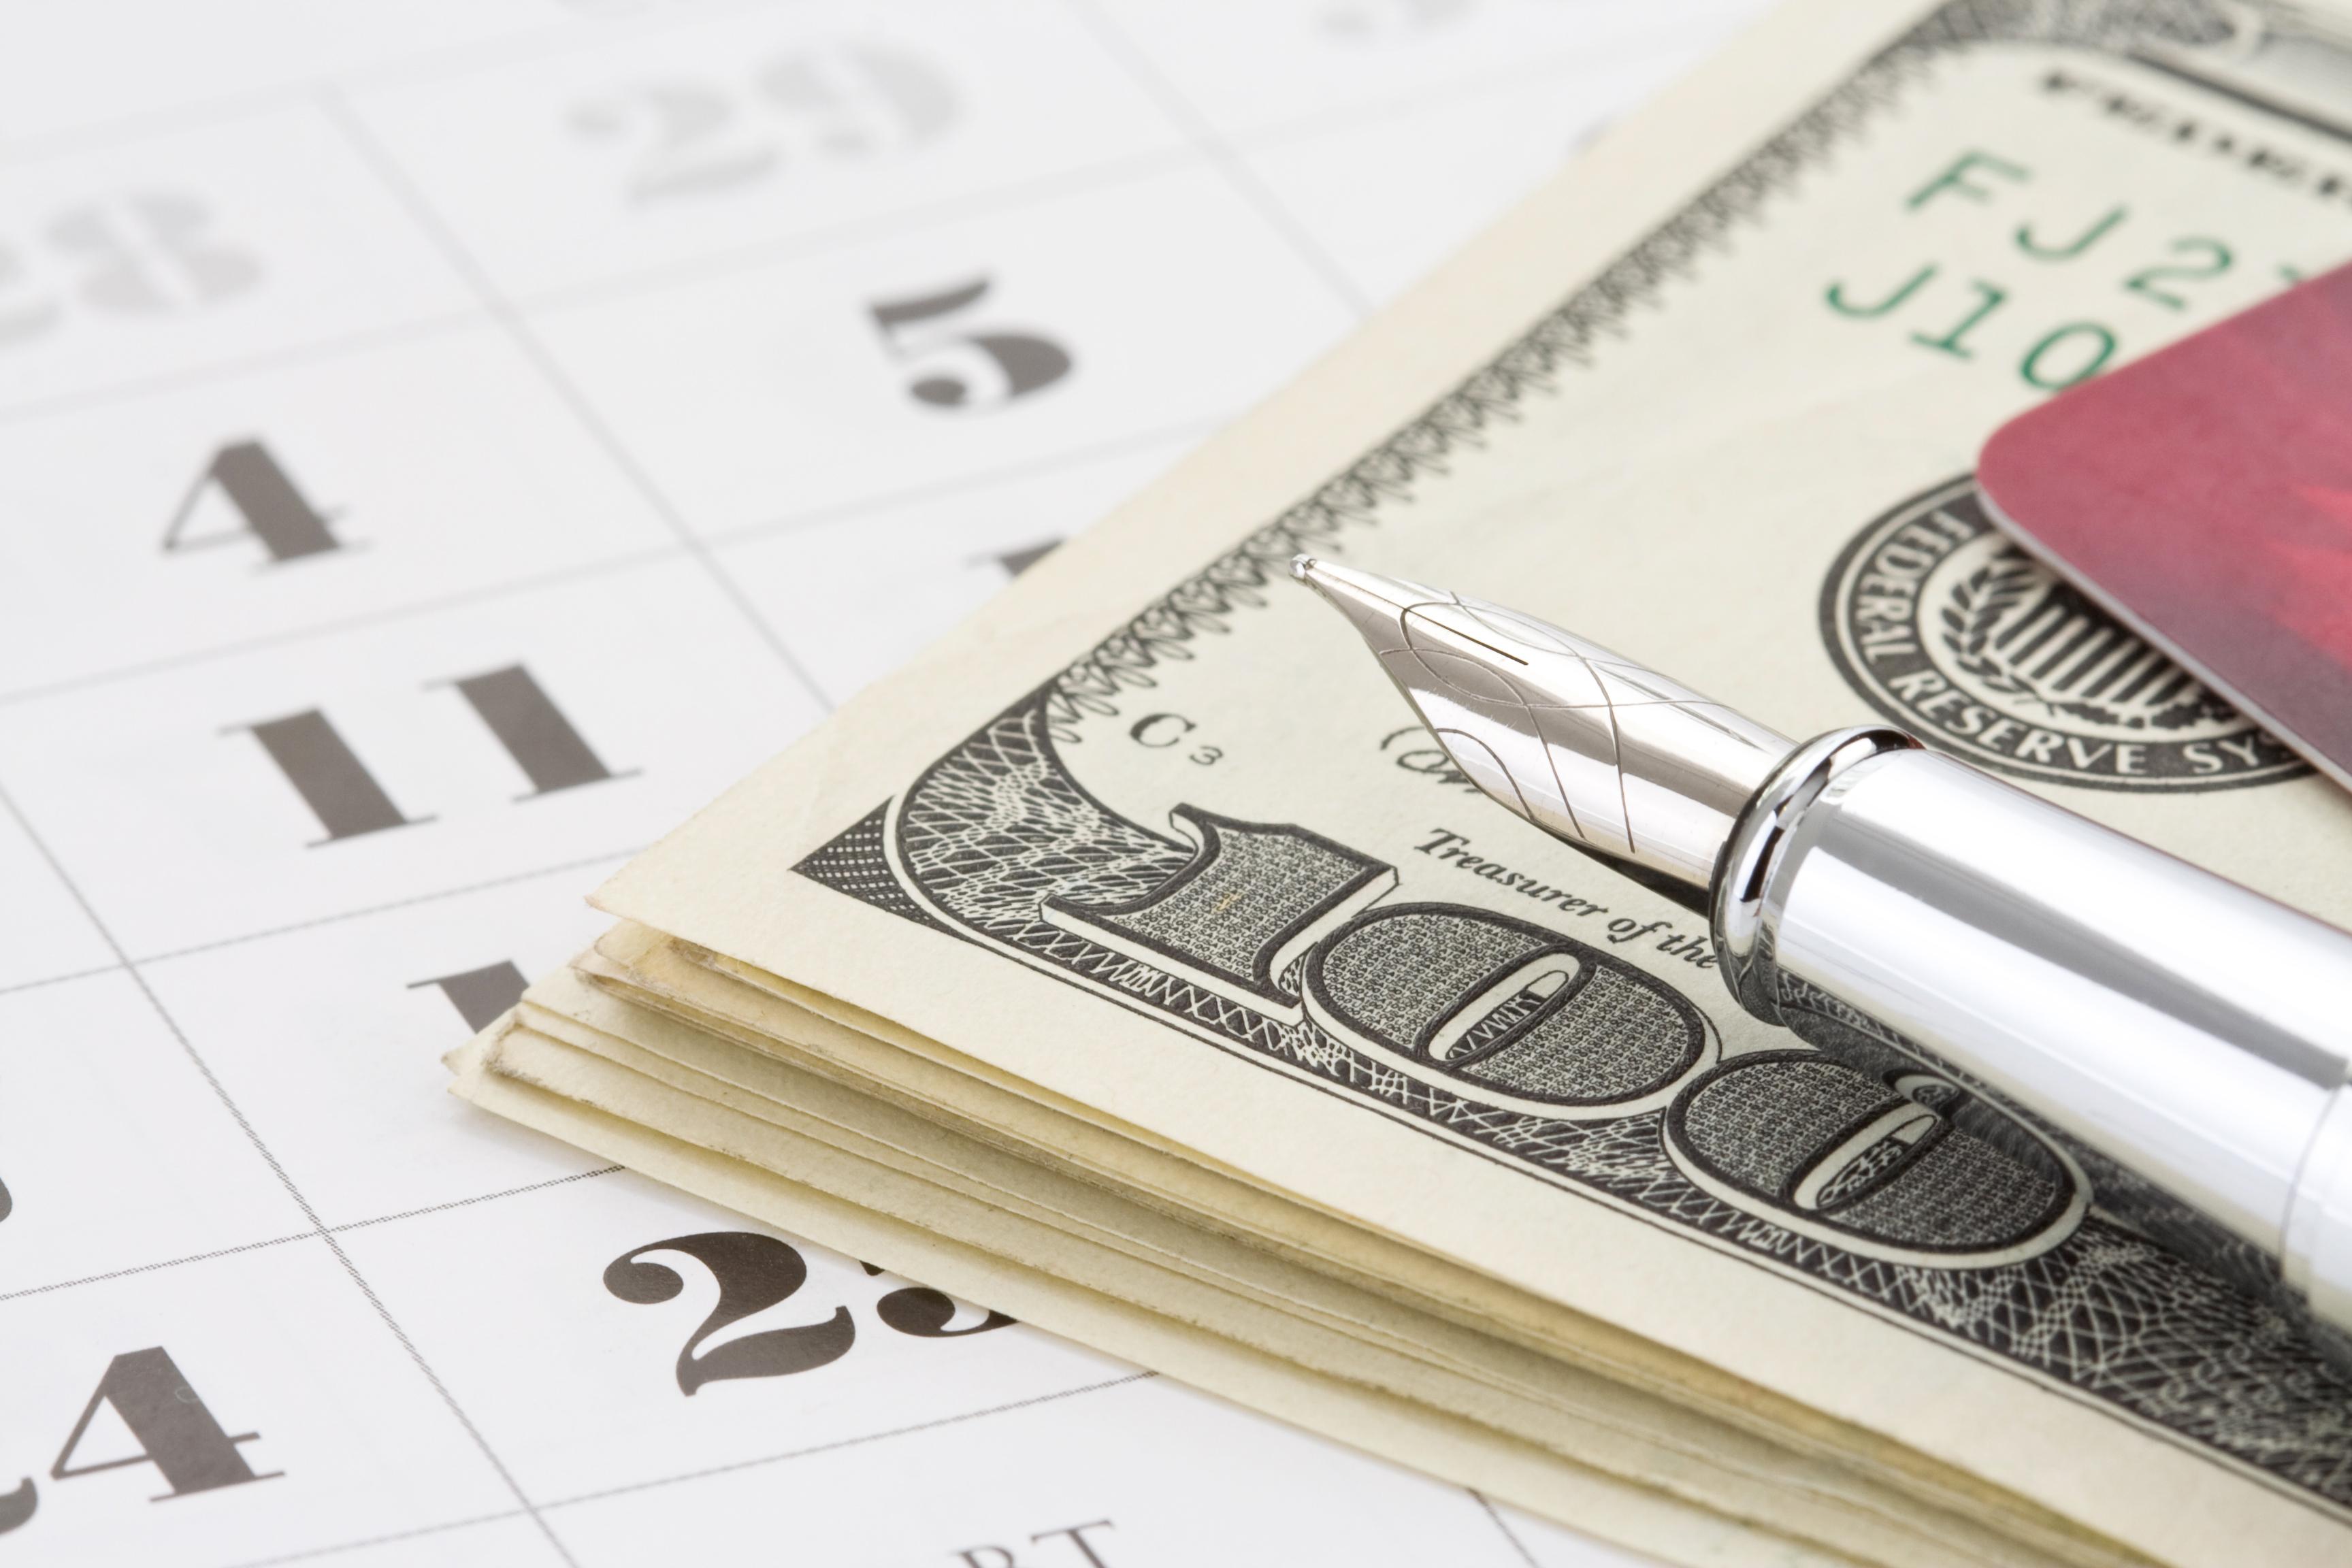 Hundred-dollar bills resting on a calendar